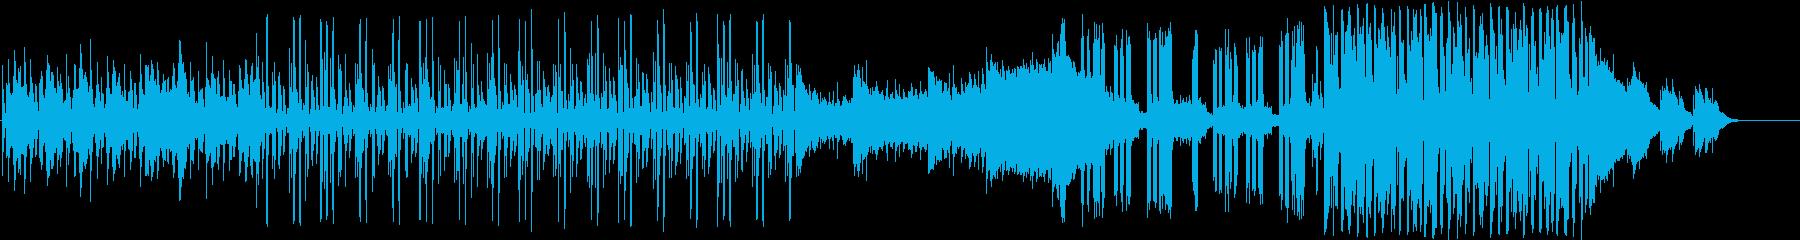 和風テイストのテクノトラックの再生済みの波形